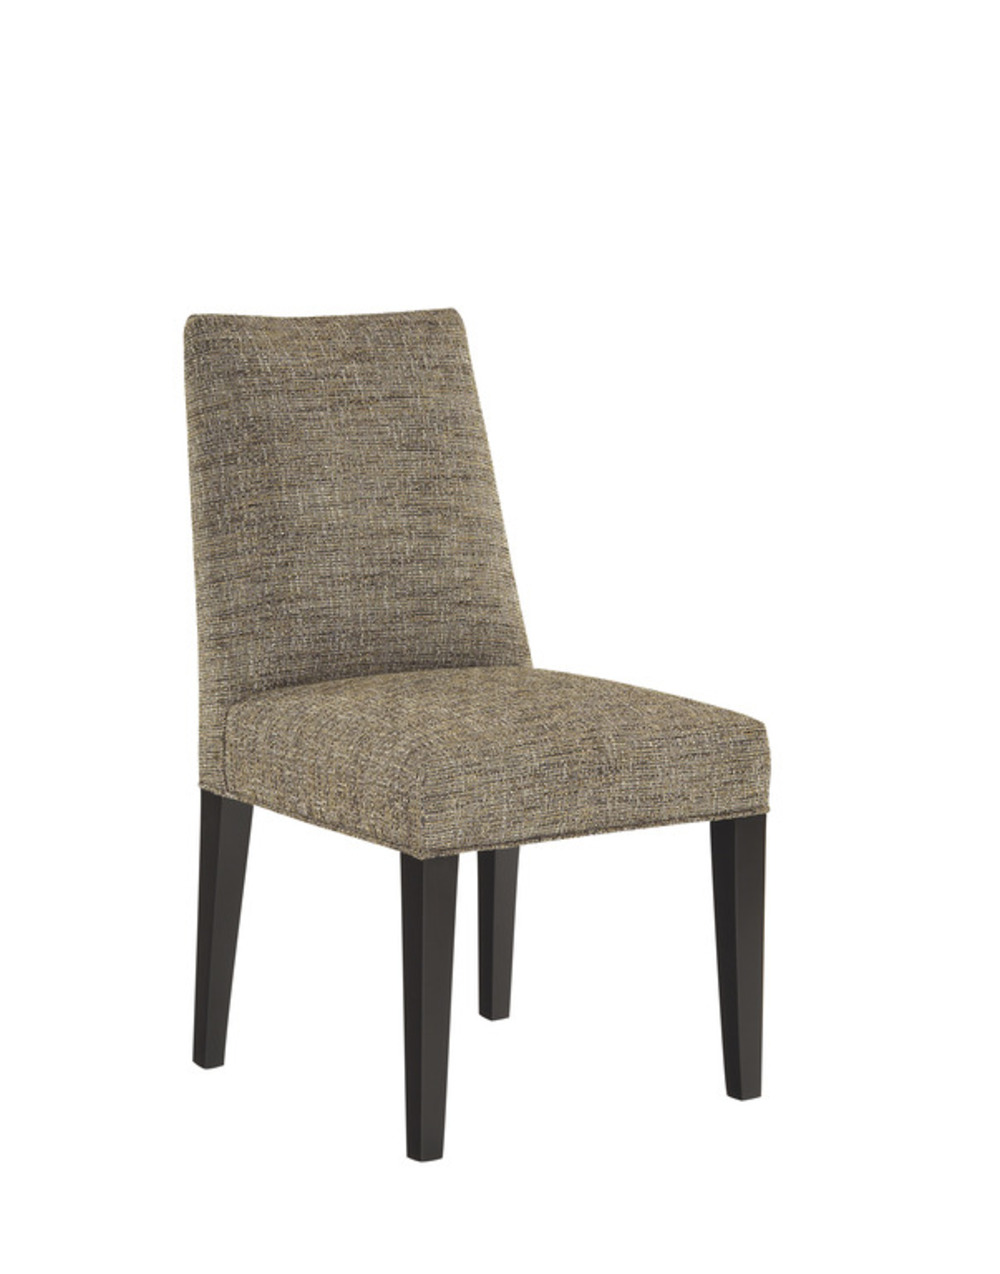 Lazar - Jennifer Dining Side Chair w/ Wood Legs